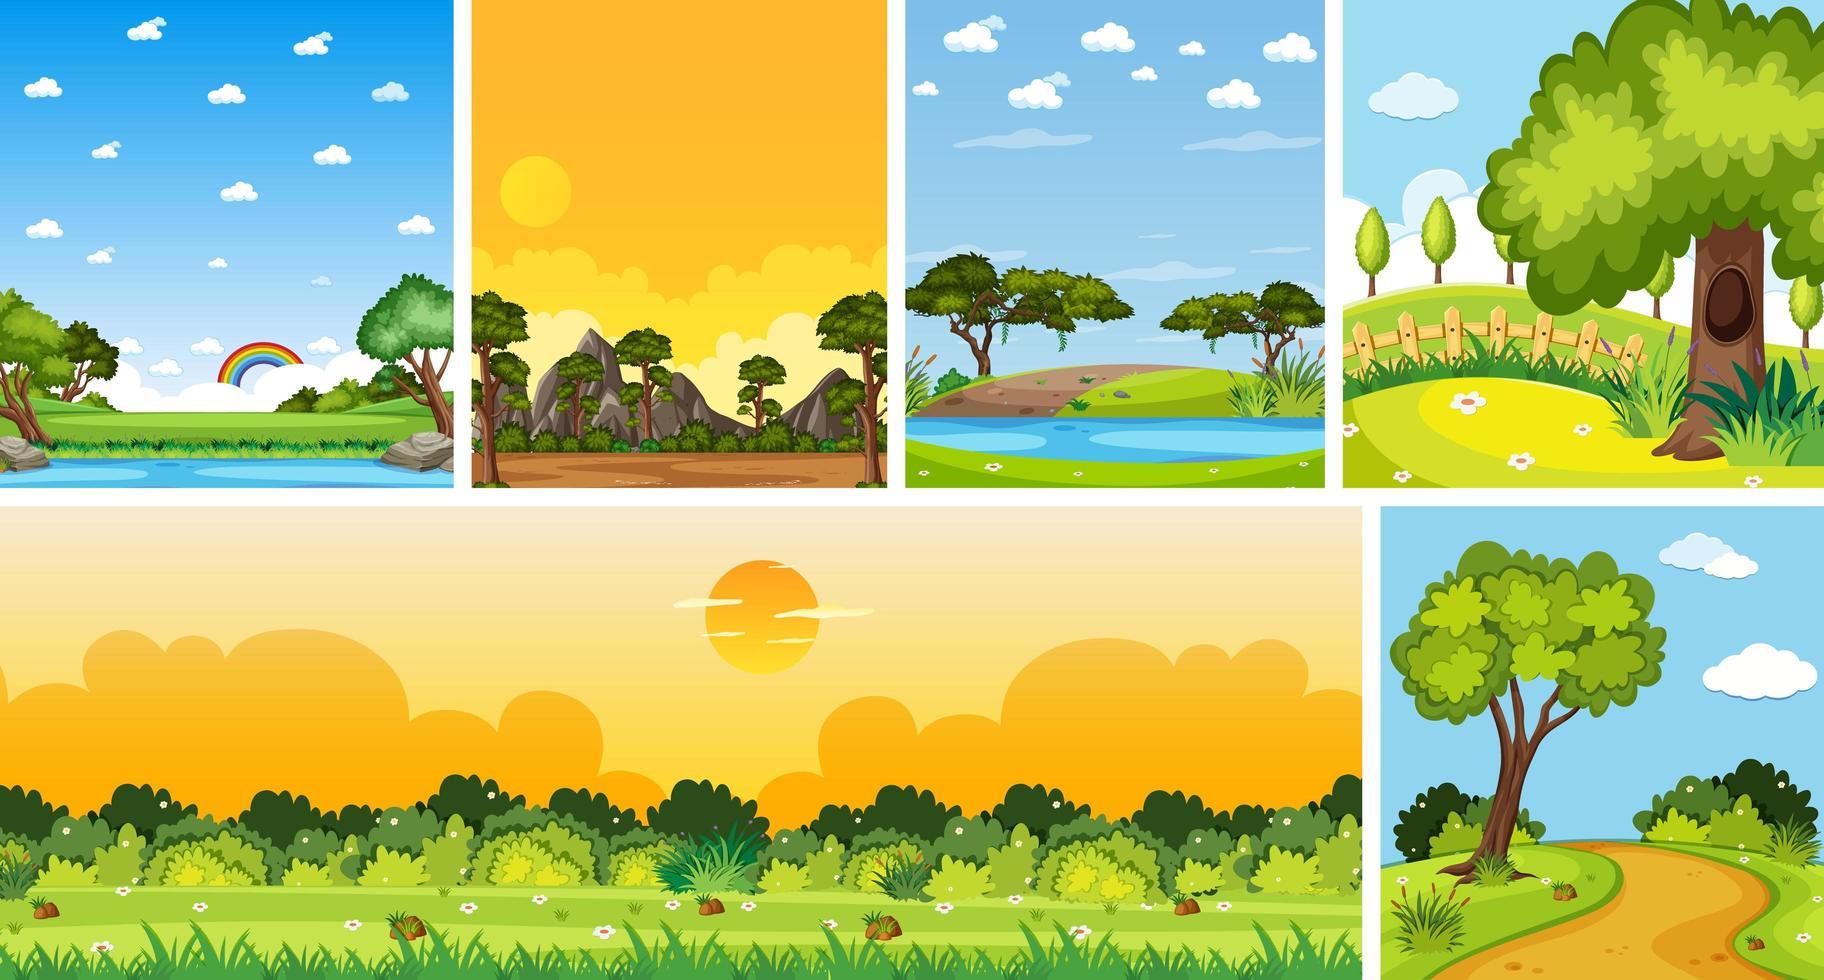 ensemble de scène de lieu de nature différente dans des scènes verticales et d'horizon pendant la journée vecteur